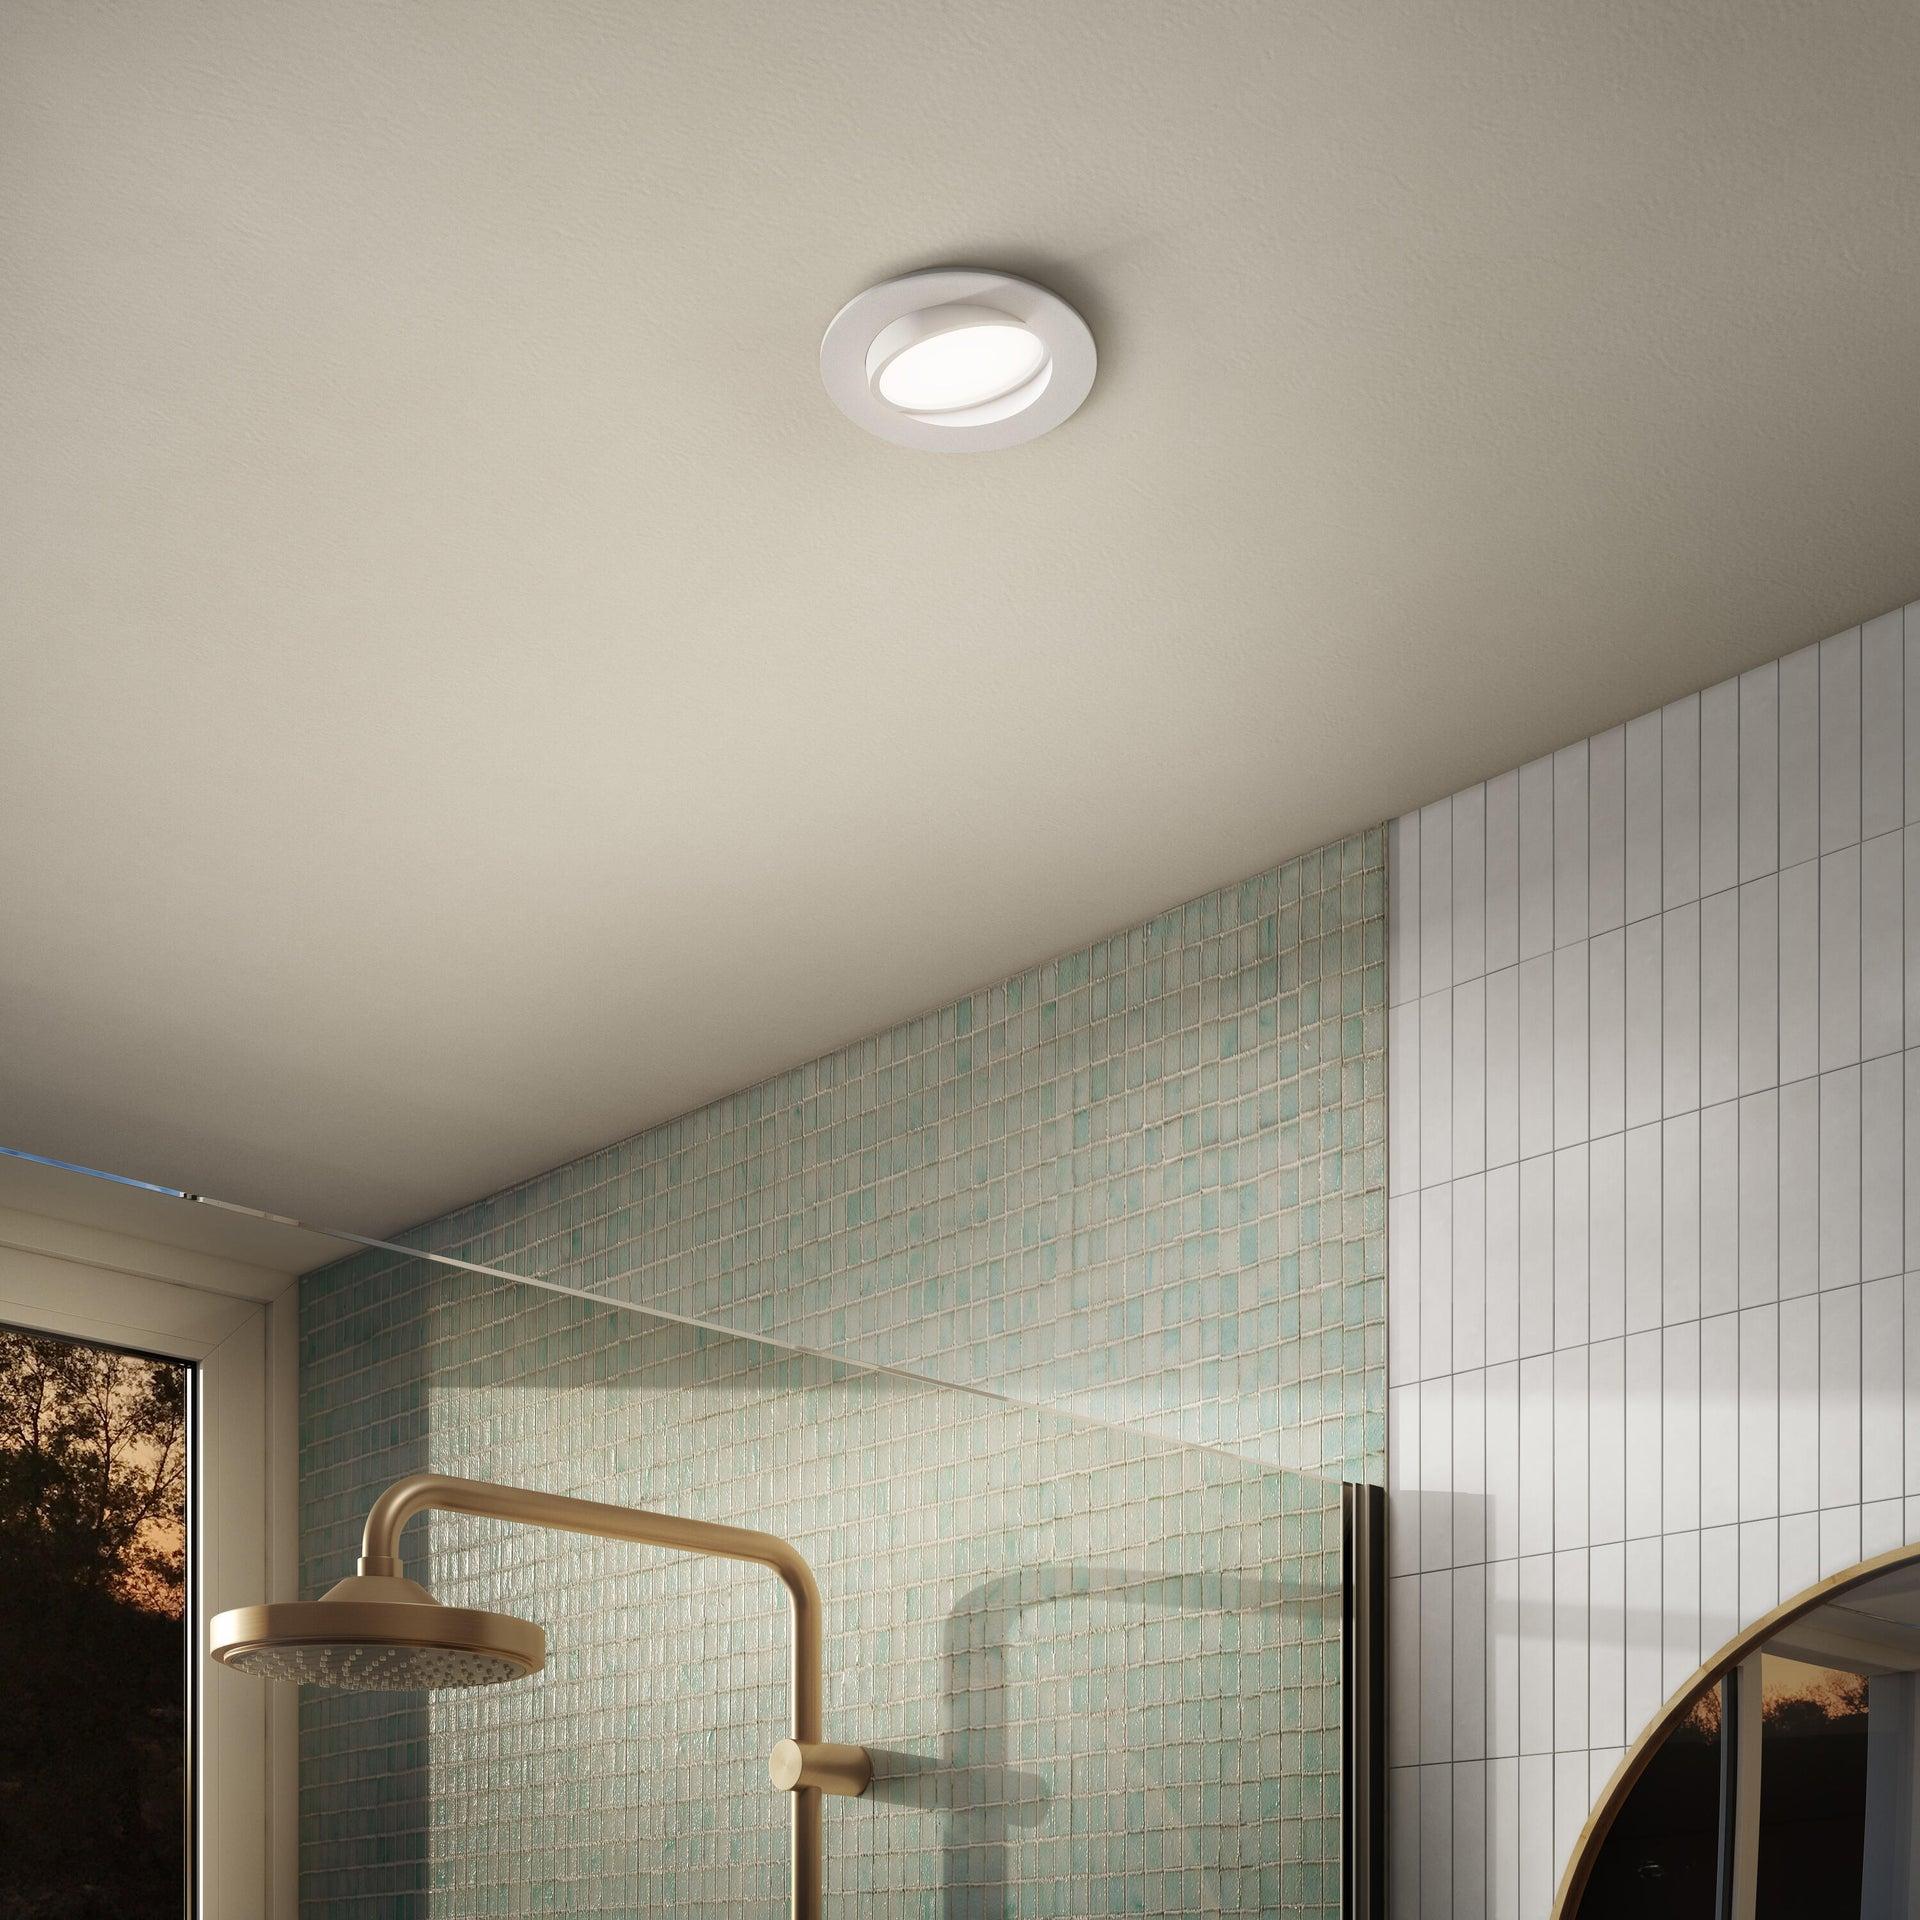 Faretto orientabile da incasso tondo Ori Lindi bianco, diam. 9 cm LED integrato 6.3W 550LM IP65 INSPIRE - 5